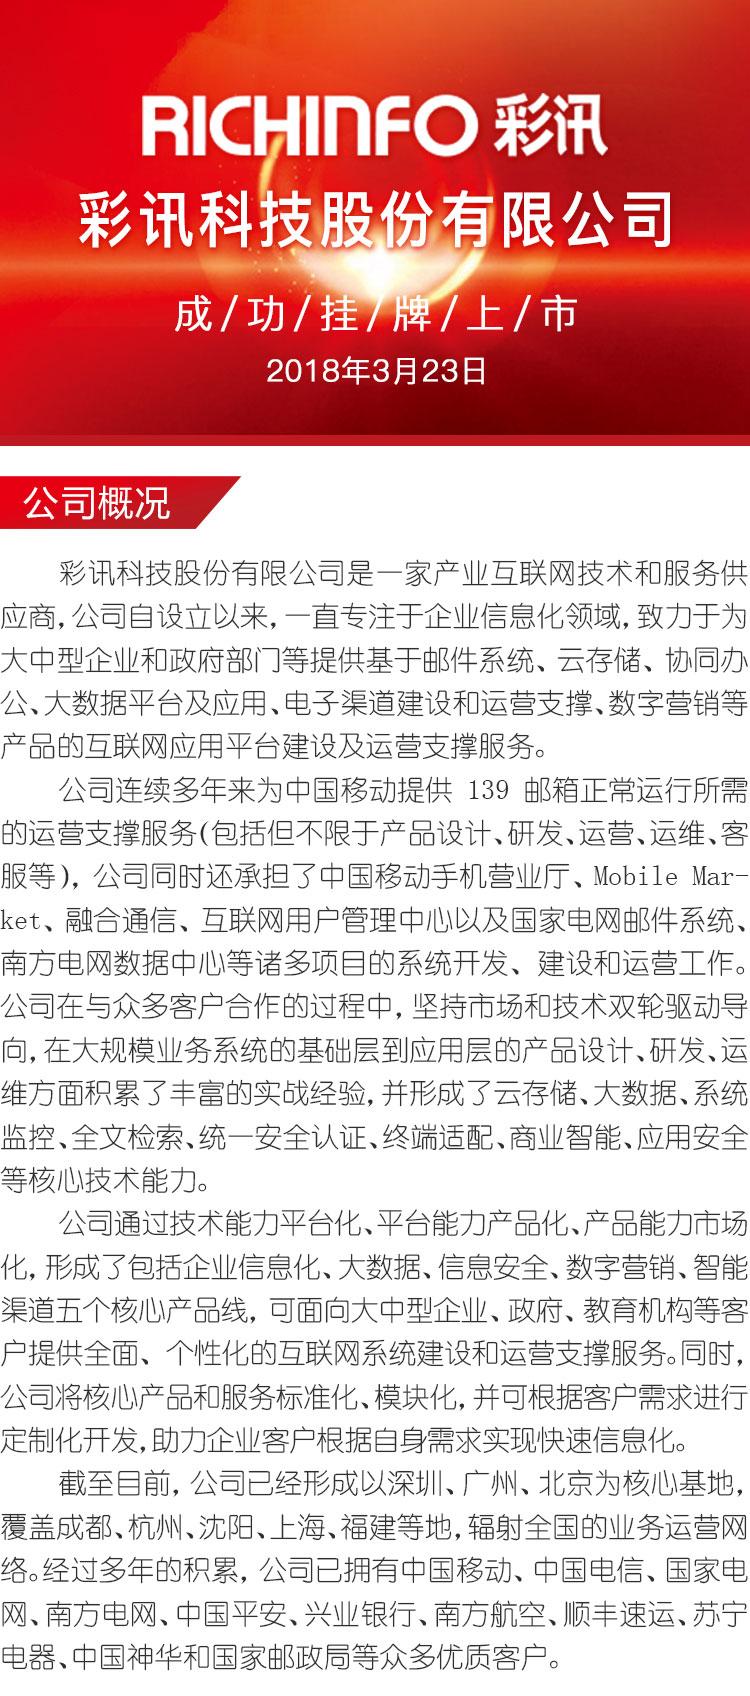 彩讯上市海报_01.jpg